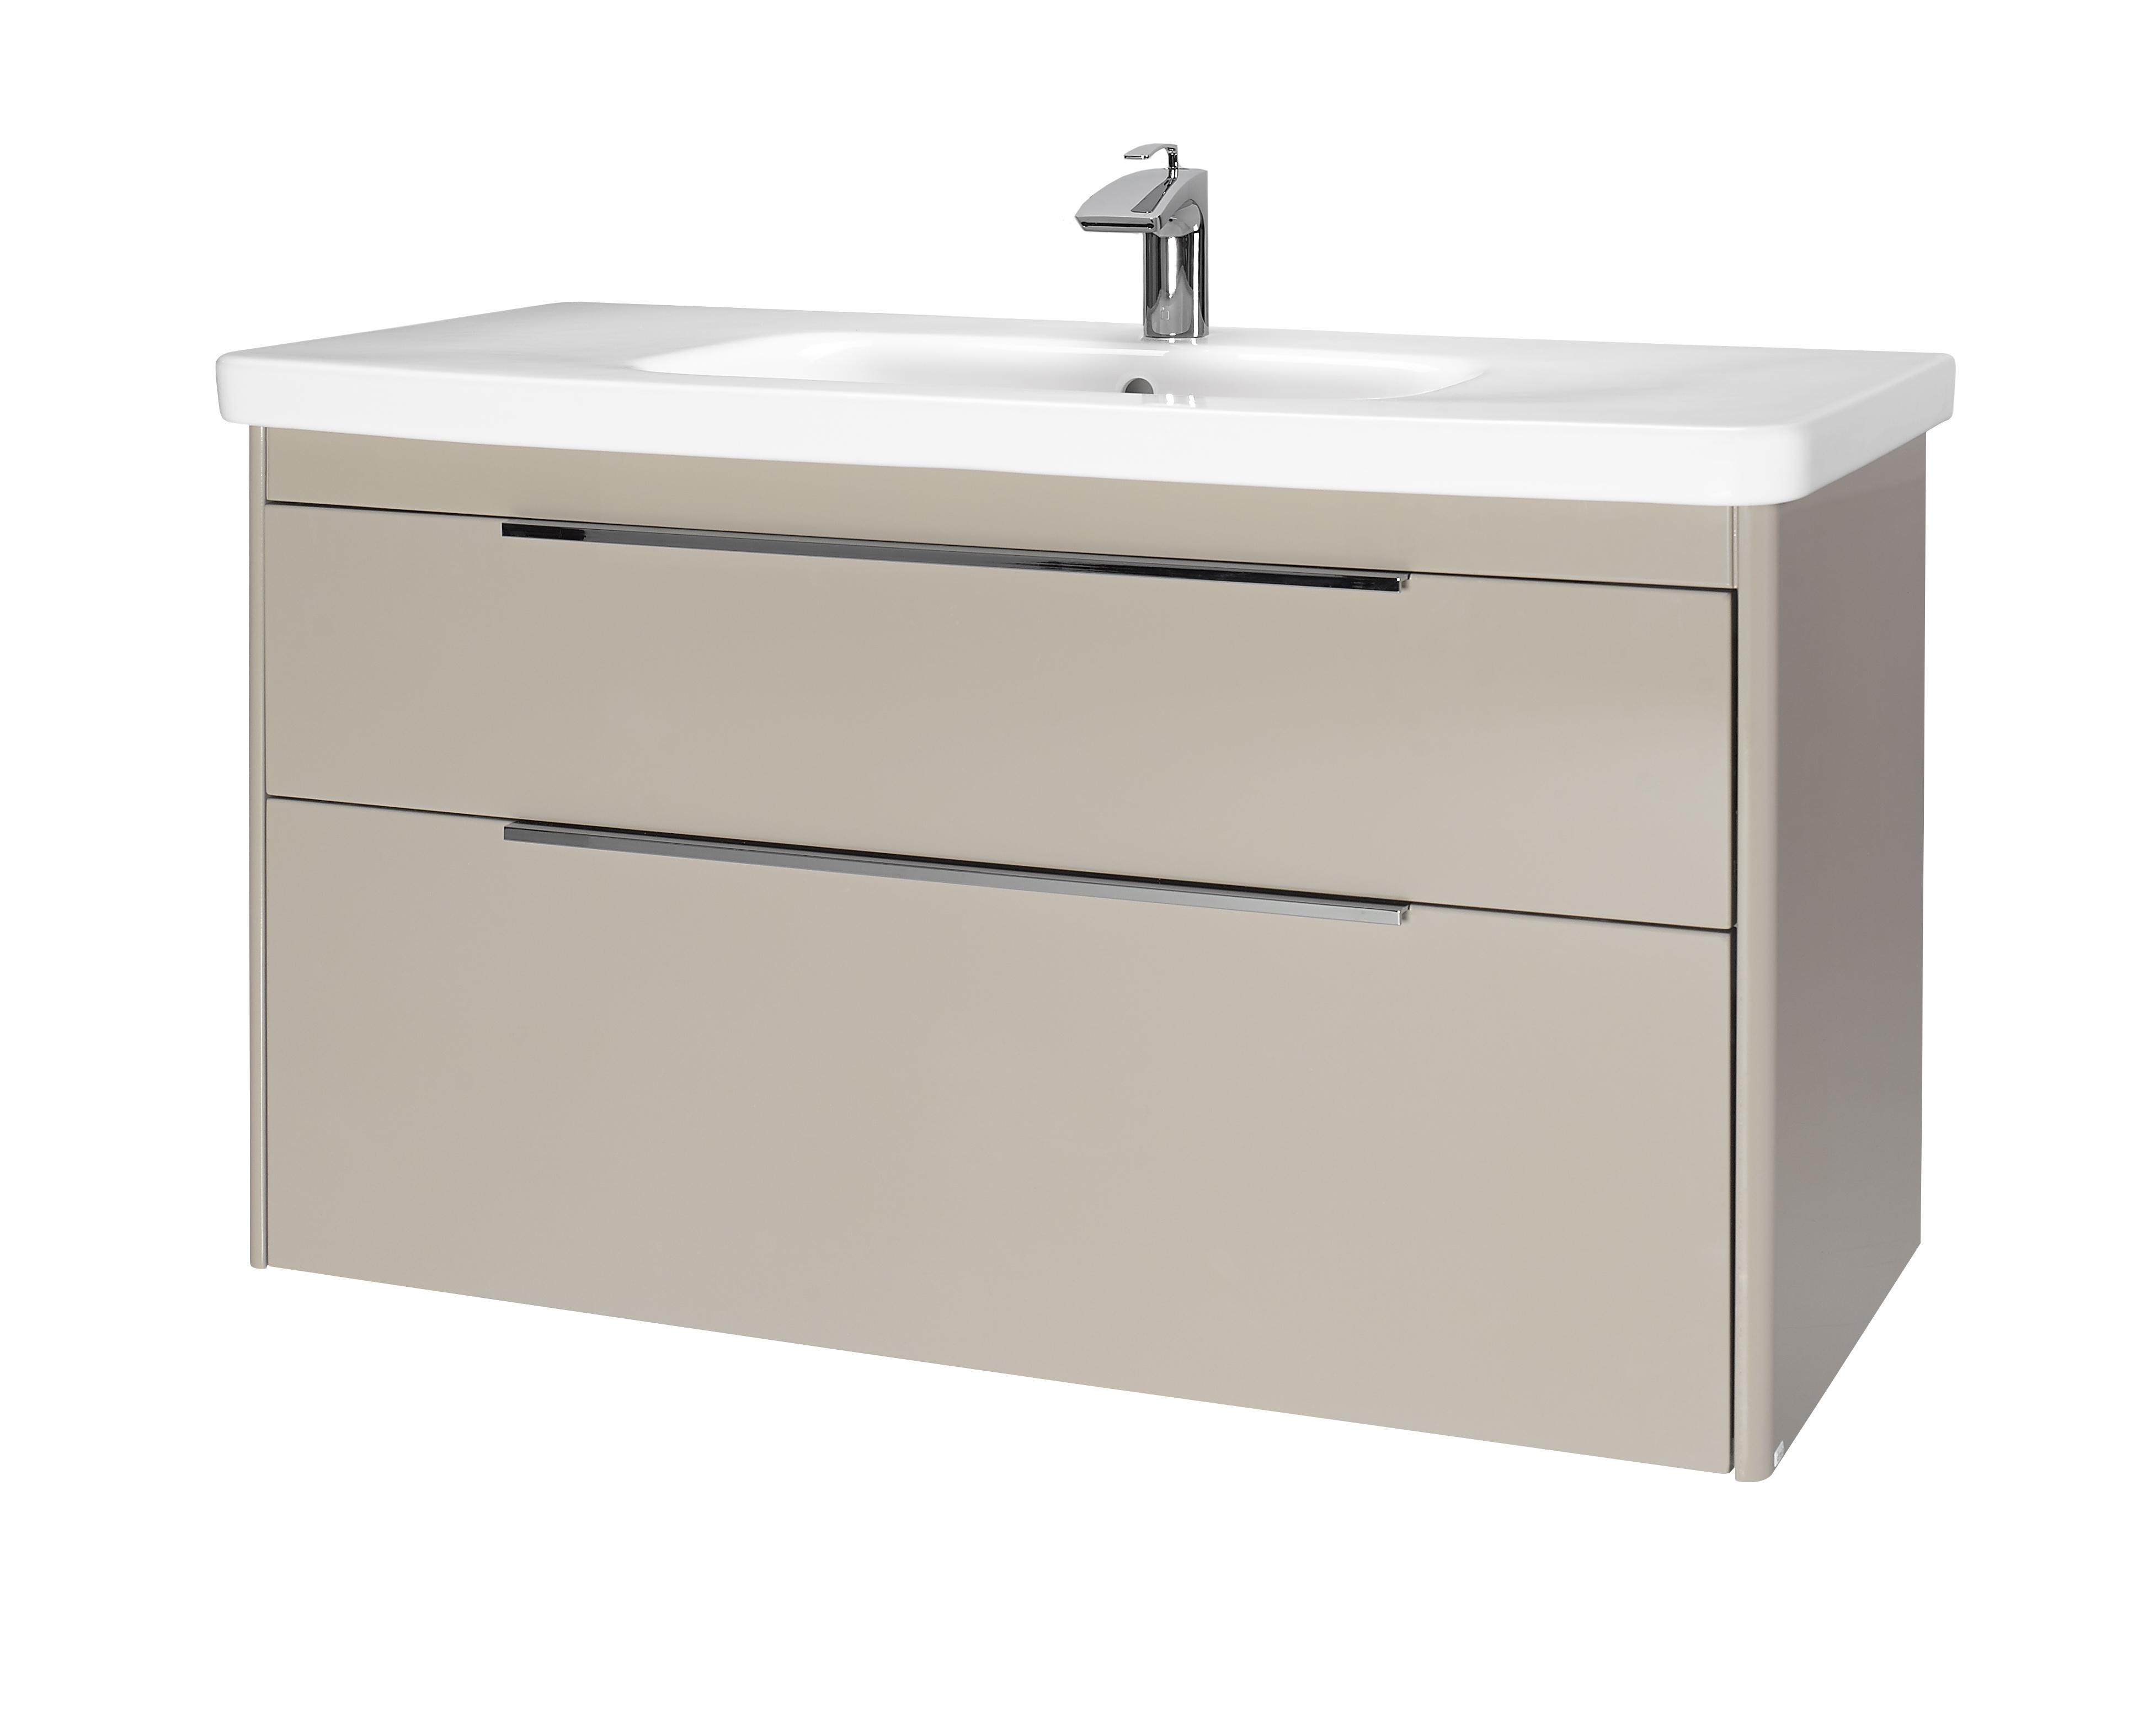 Тумба под раковину DrejaМебель для ванной комнаты<br>Тип: тумба,<br>Тип установки мебели для ванной: под раковину,<br>Материал изготовления мебели для ванной: мдф,<br>Цвет мебели для ванной: серый,<br>С ящиками: есть<br>